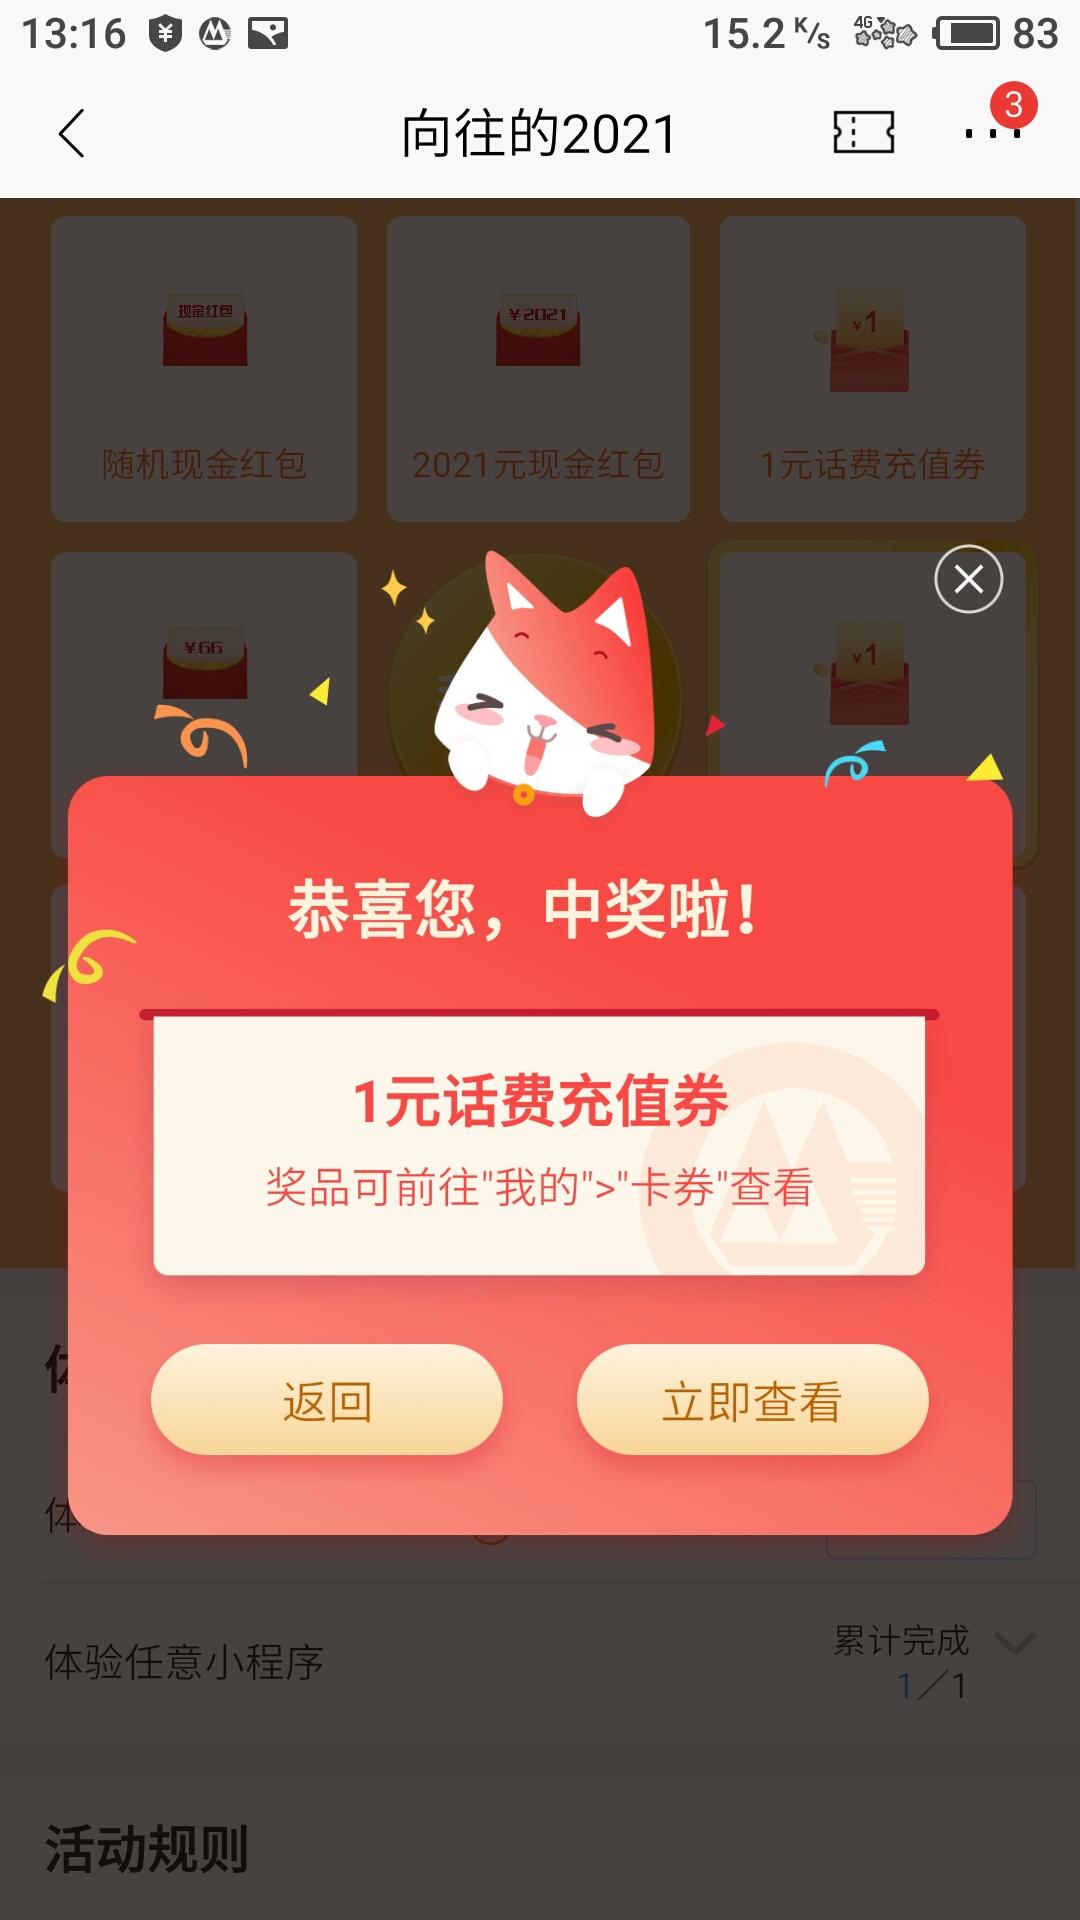 图片[5]-招商银行app最新双活动领现金红包!-老友薅羊毛活动线报网